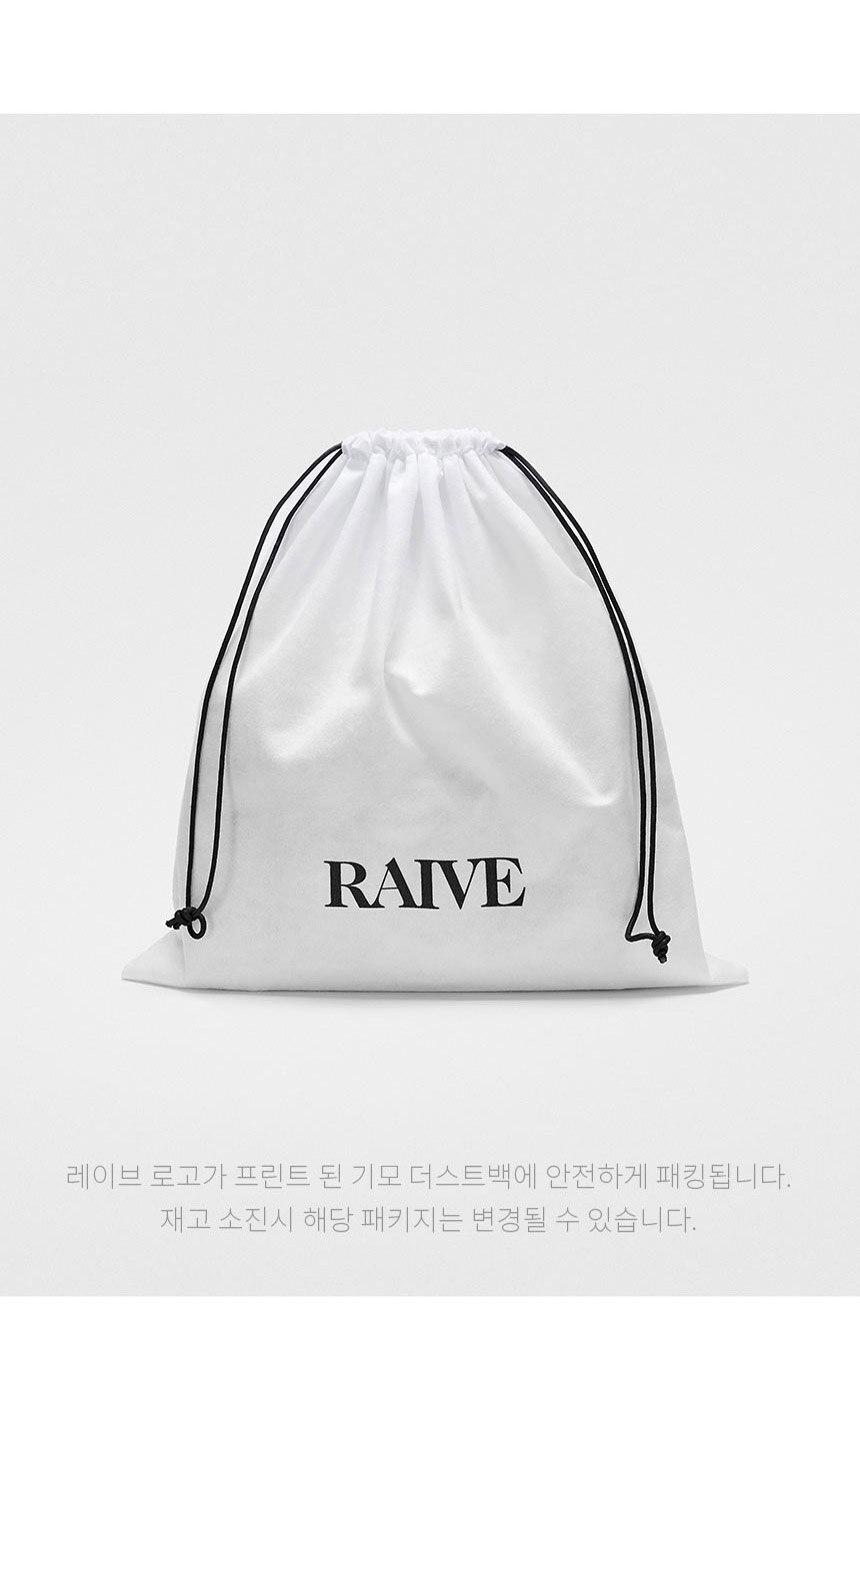 레이브(RAIVE) Real Leather Luke Bag in L/Yellow VX1SG500-9C